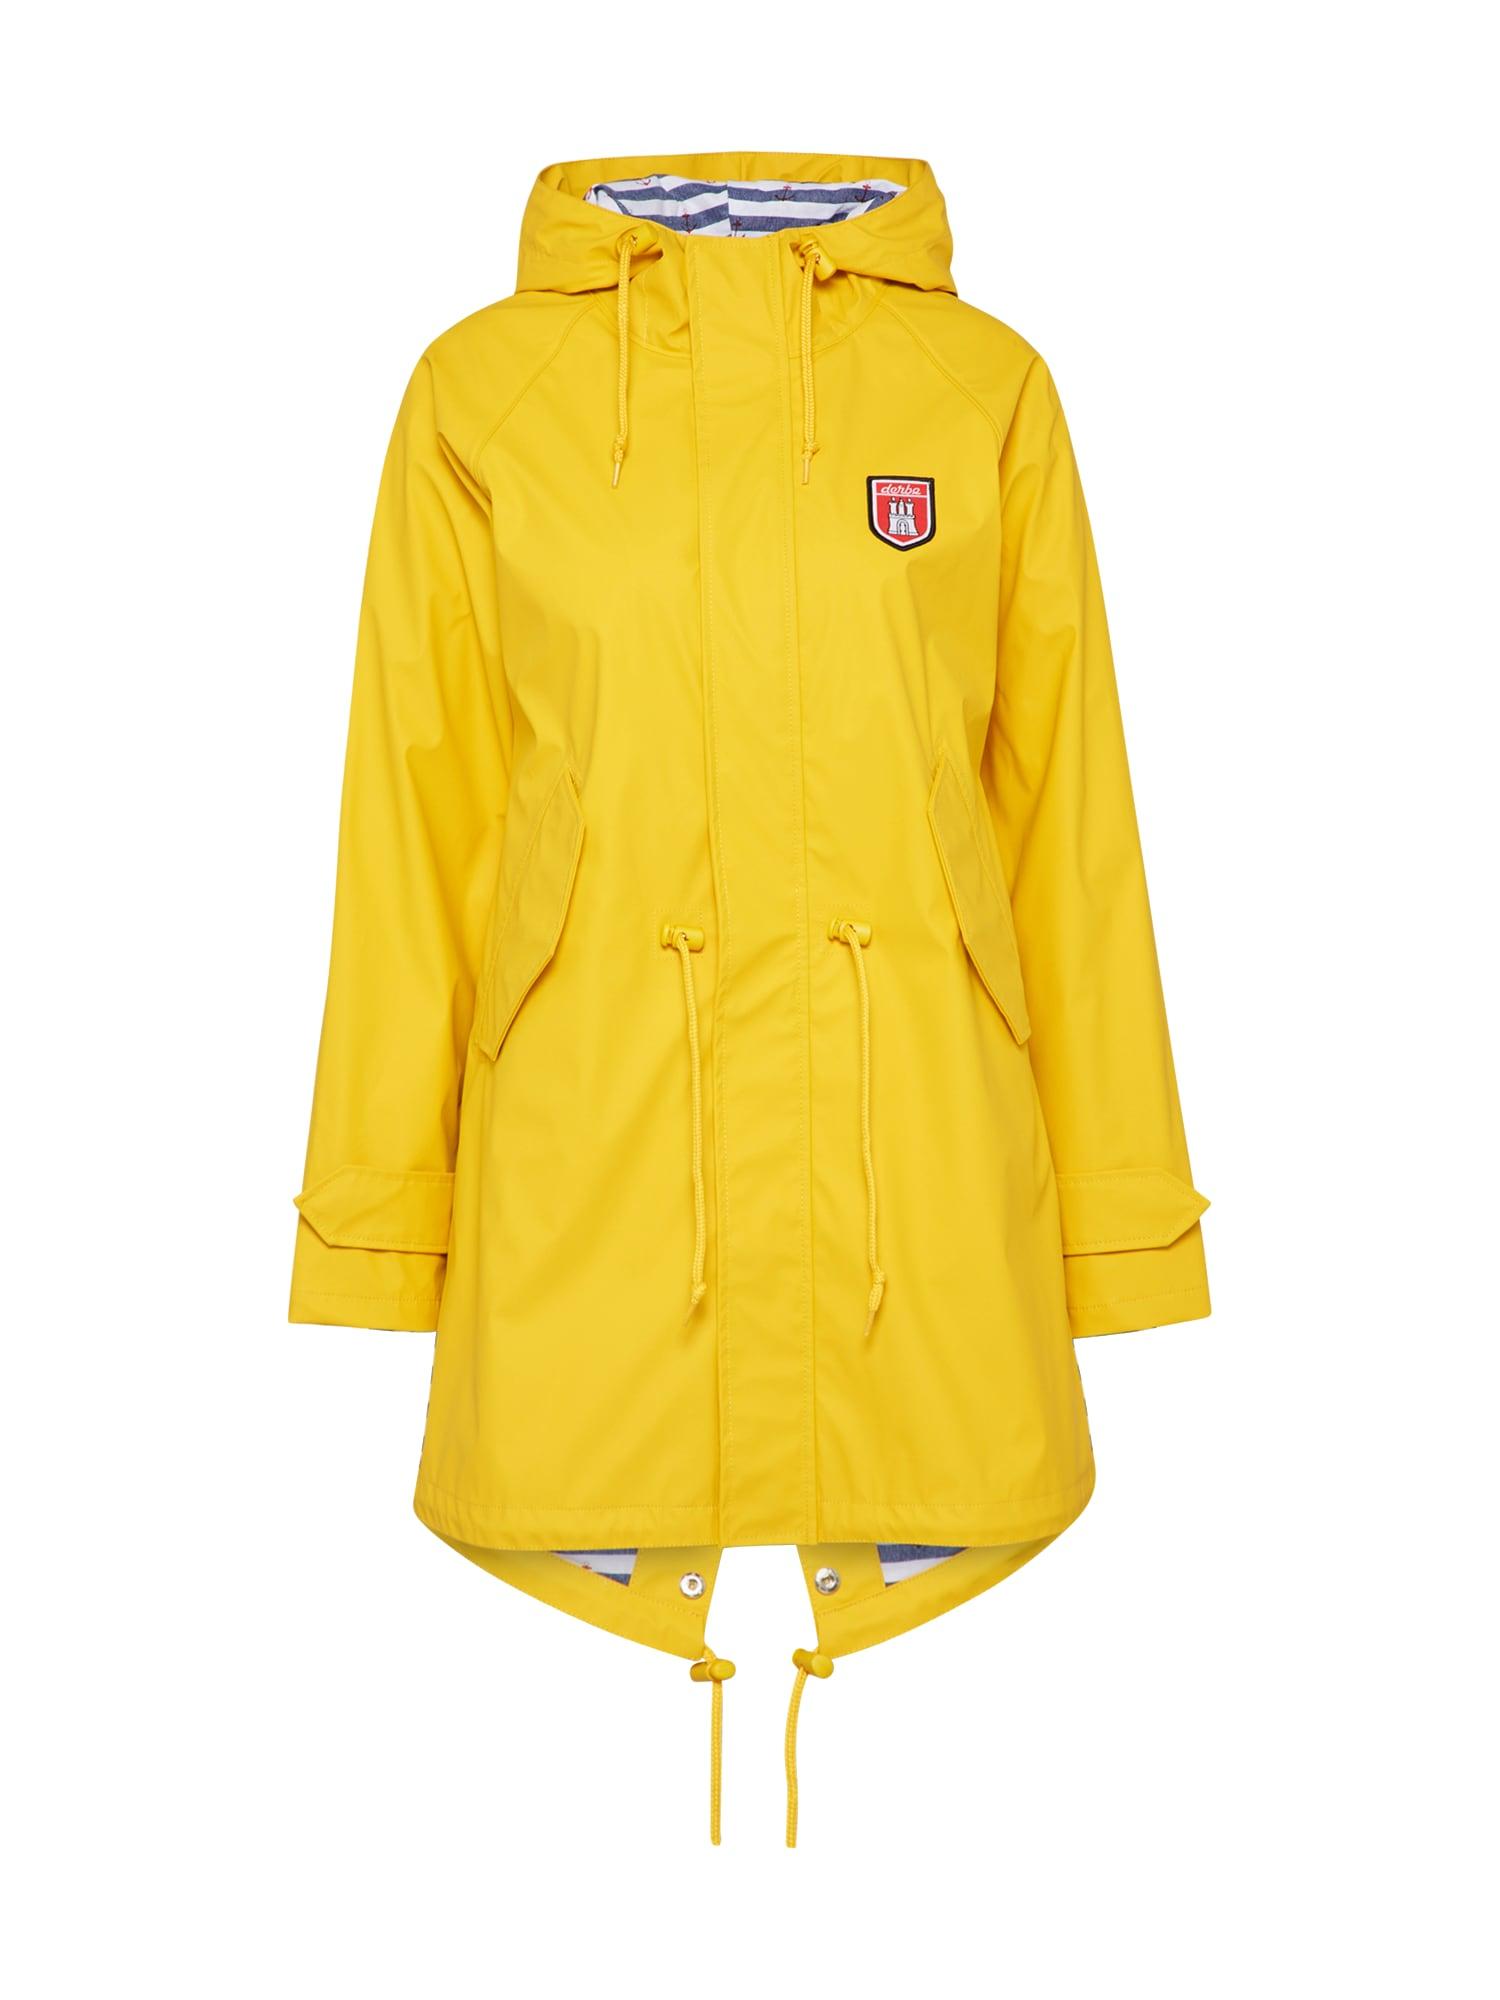 Regenmantel | Sportbekleidung > Sportmäntel | Gelb | Derbe